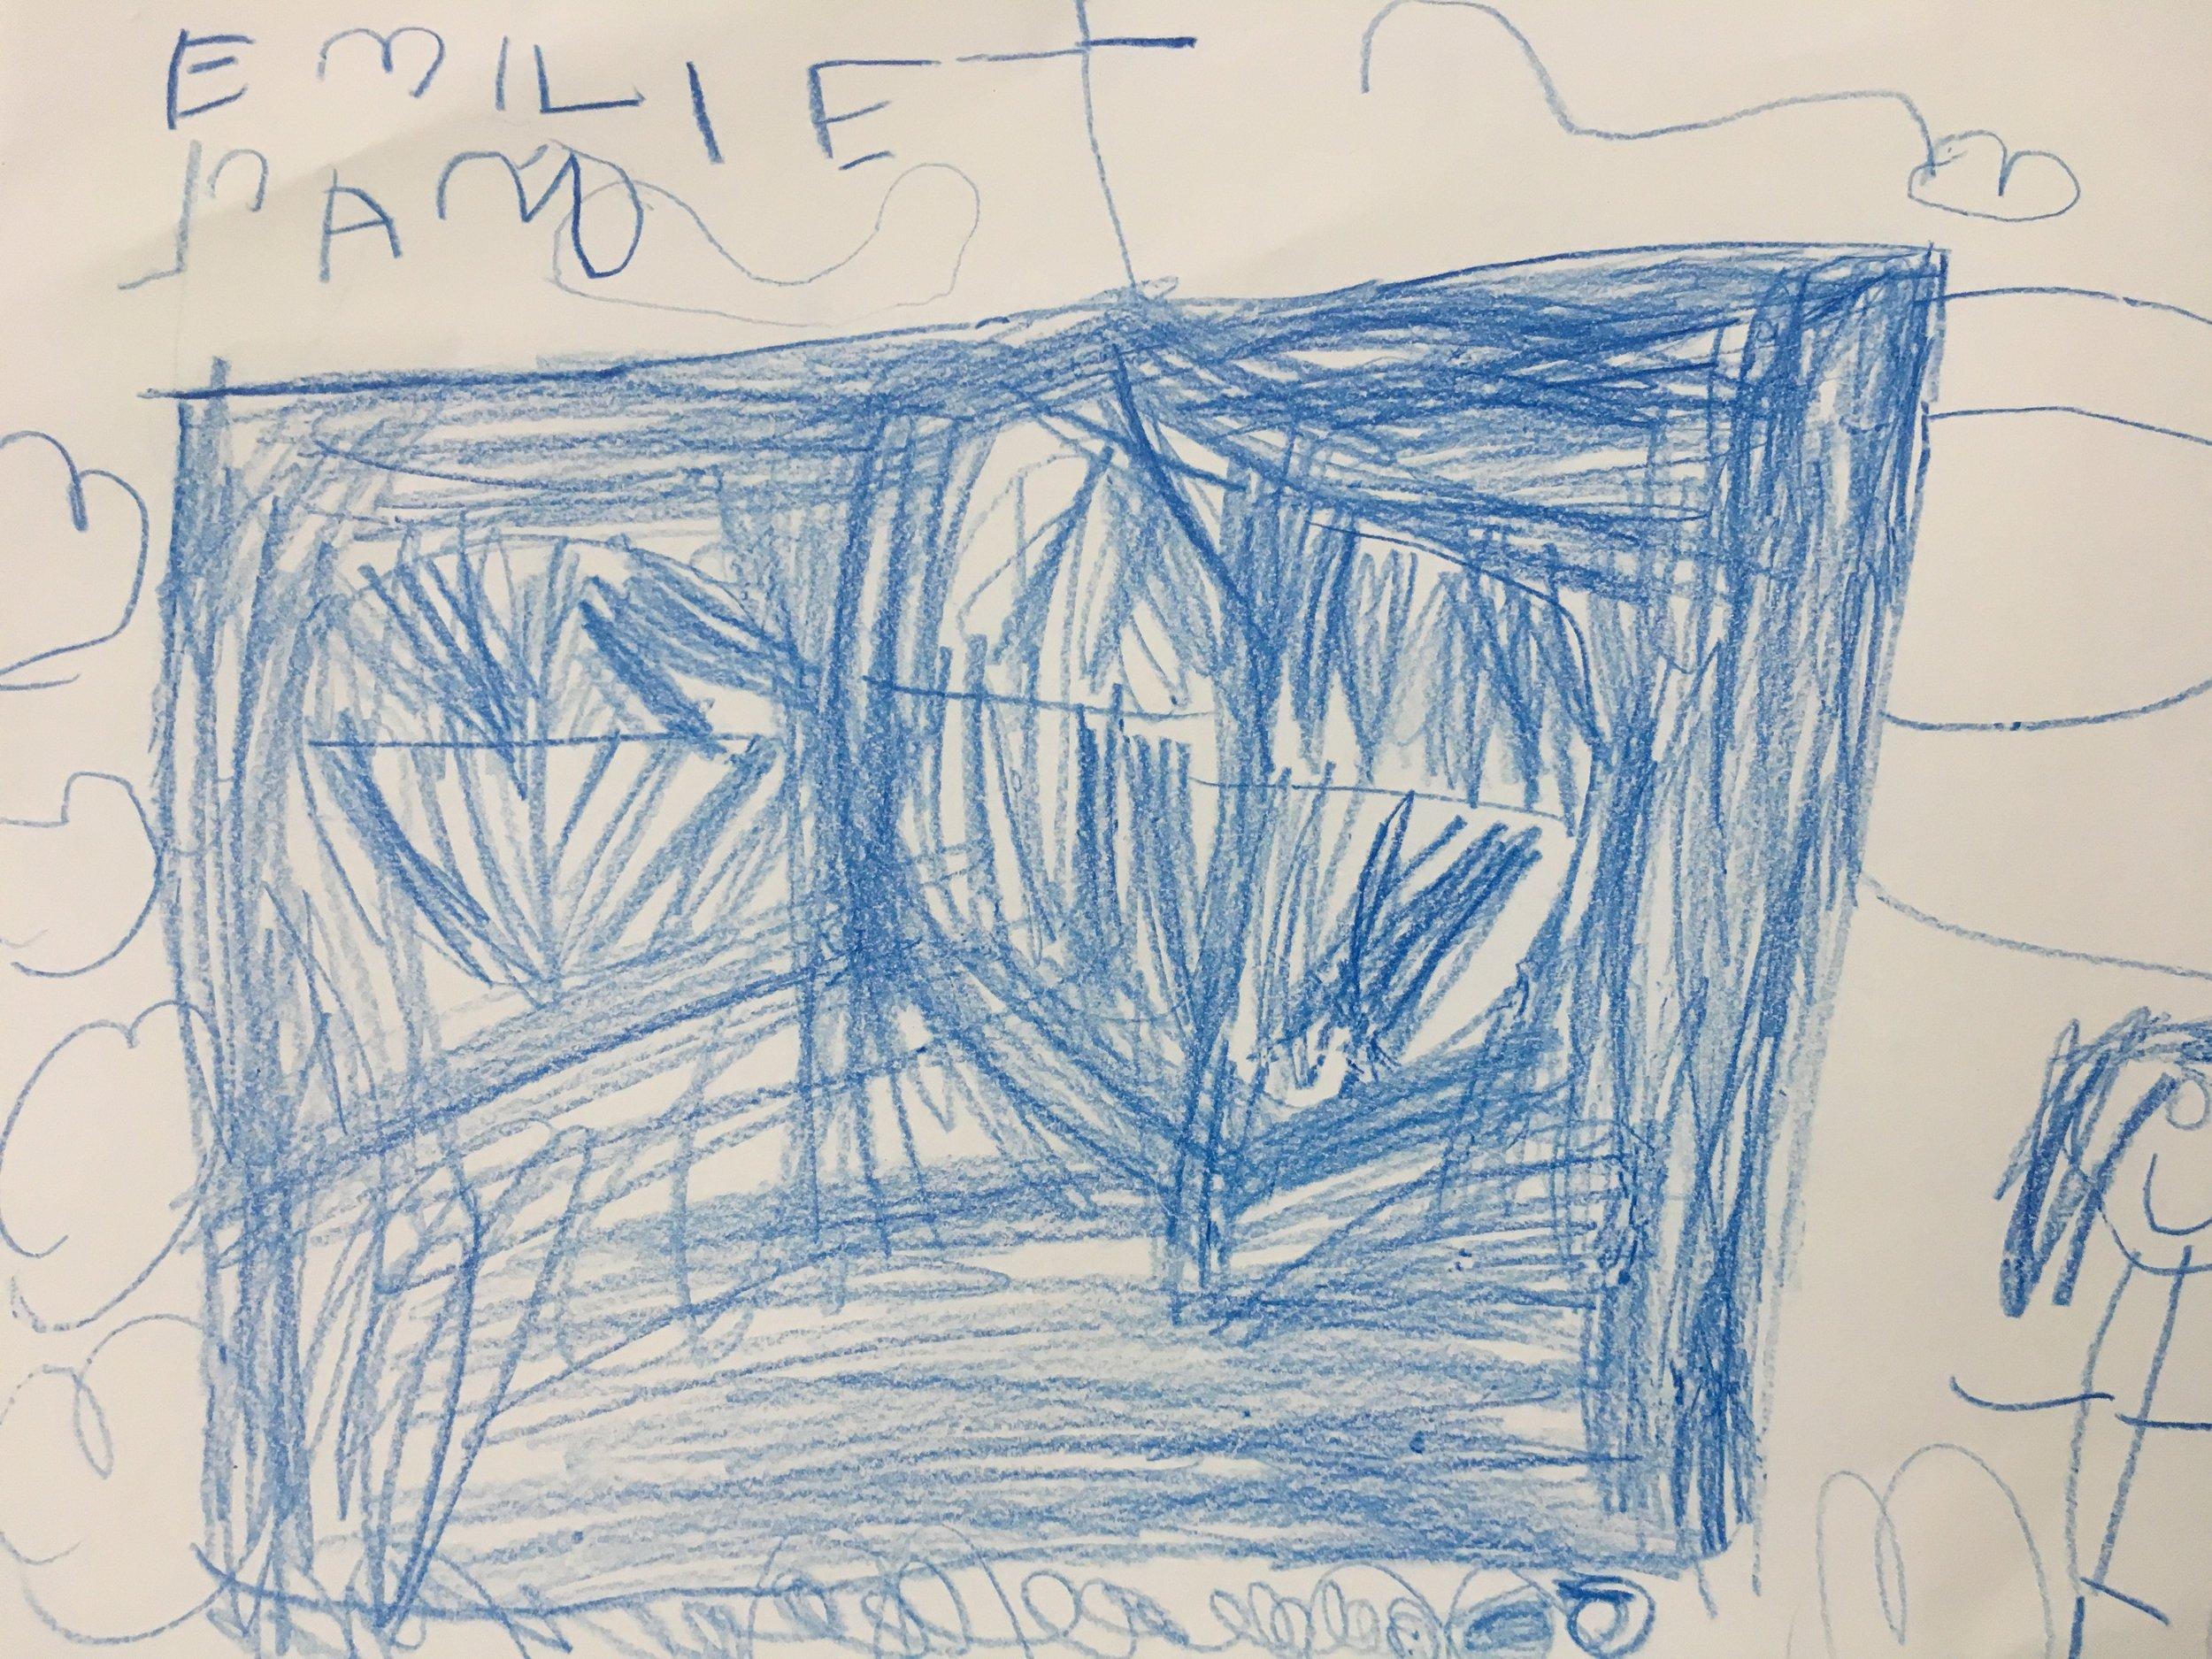 Emilie, 6 Jahre